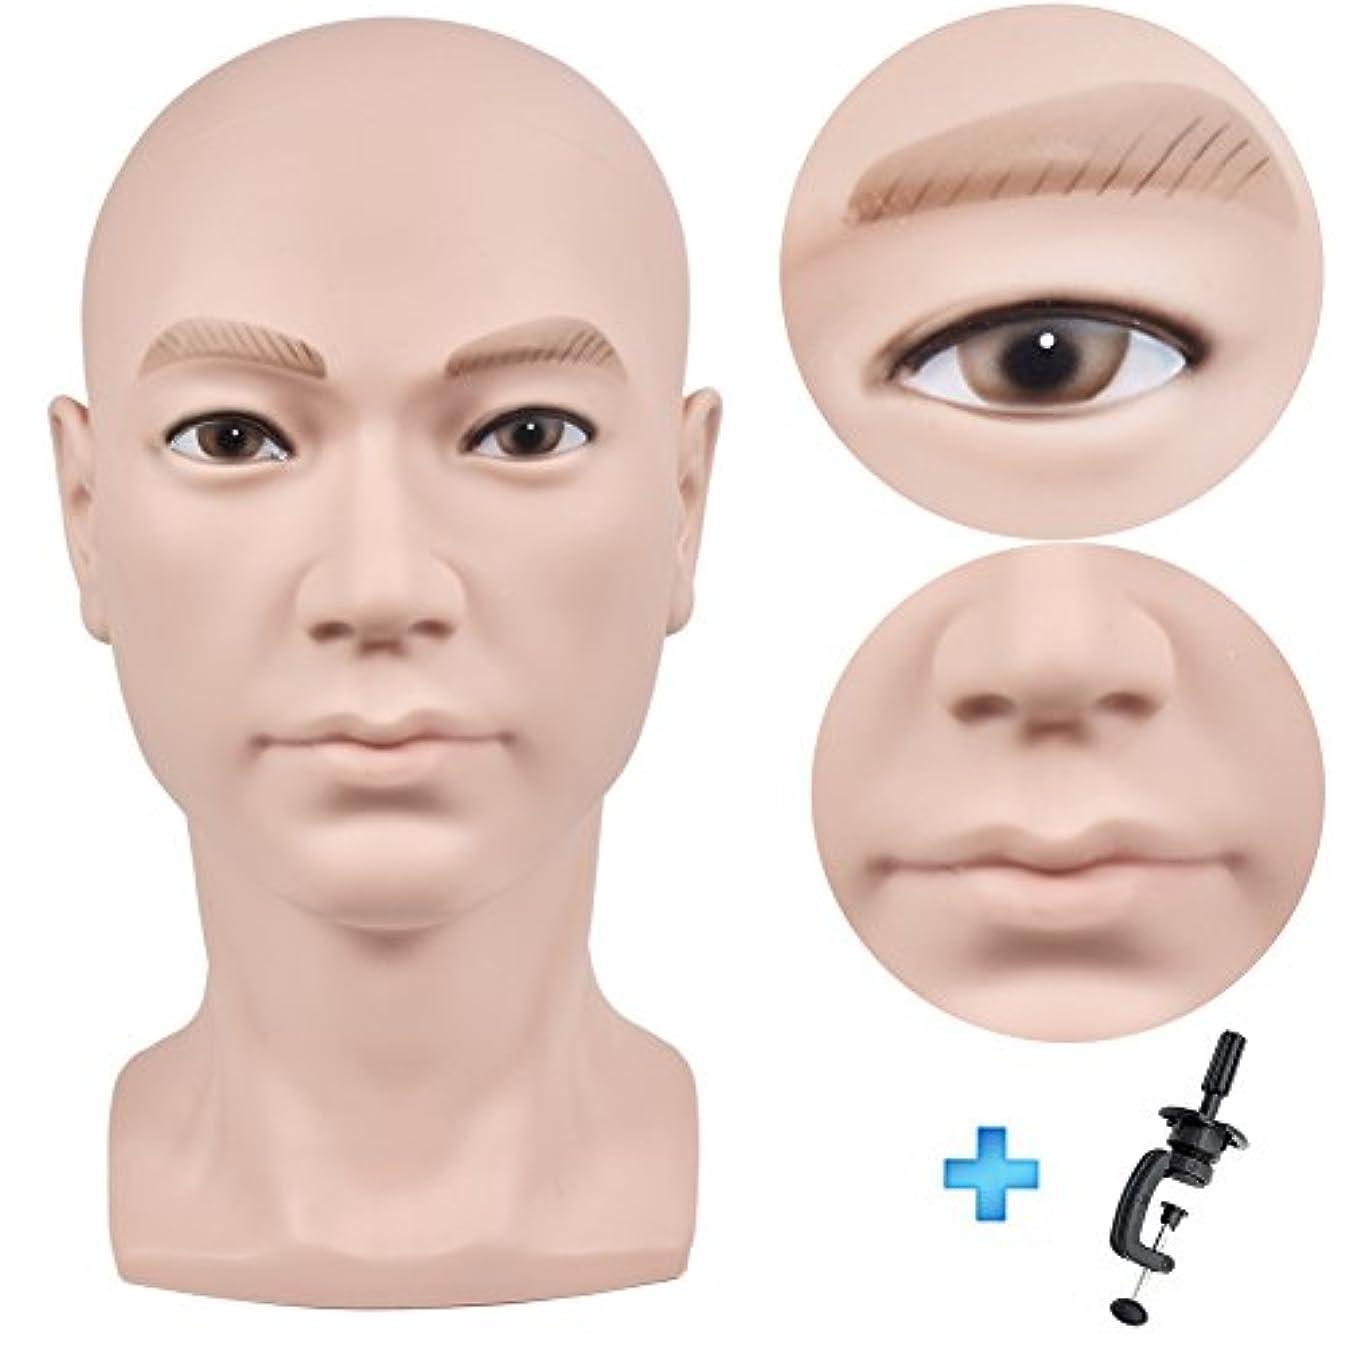 歩道投獄実際の髪のメイク、ディスプレイのかつら、メガネ、髪、Tピン、フリークランプのための禿げたマネキンヘッドベージュ男性プロの化粧品